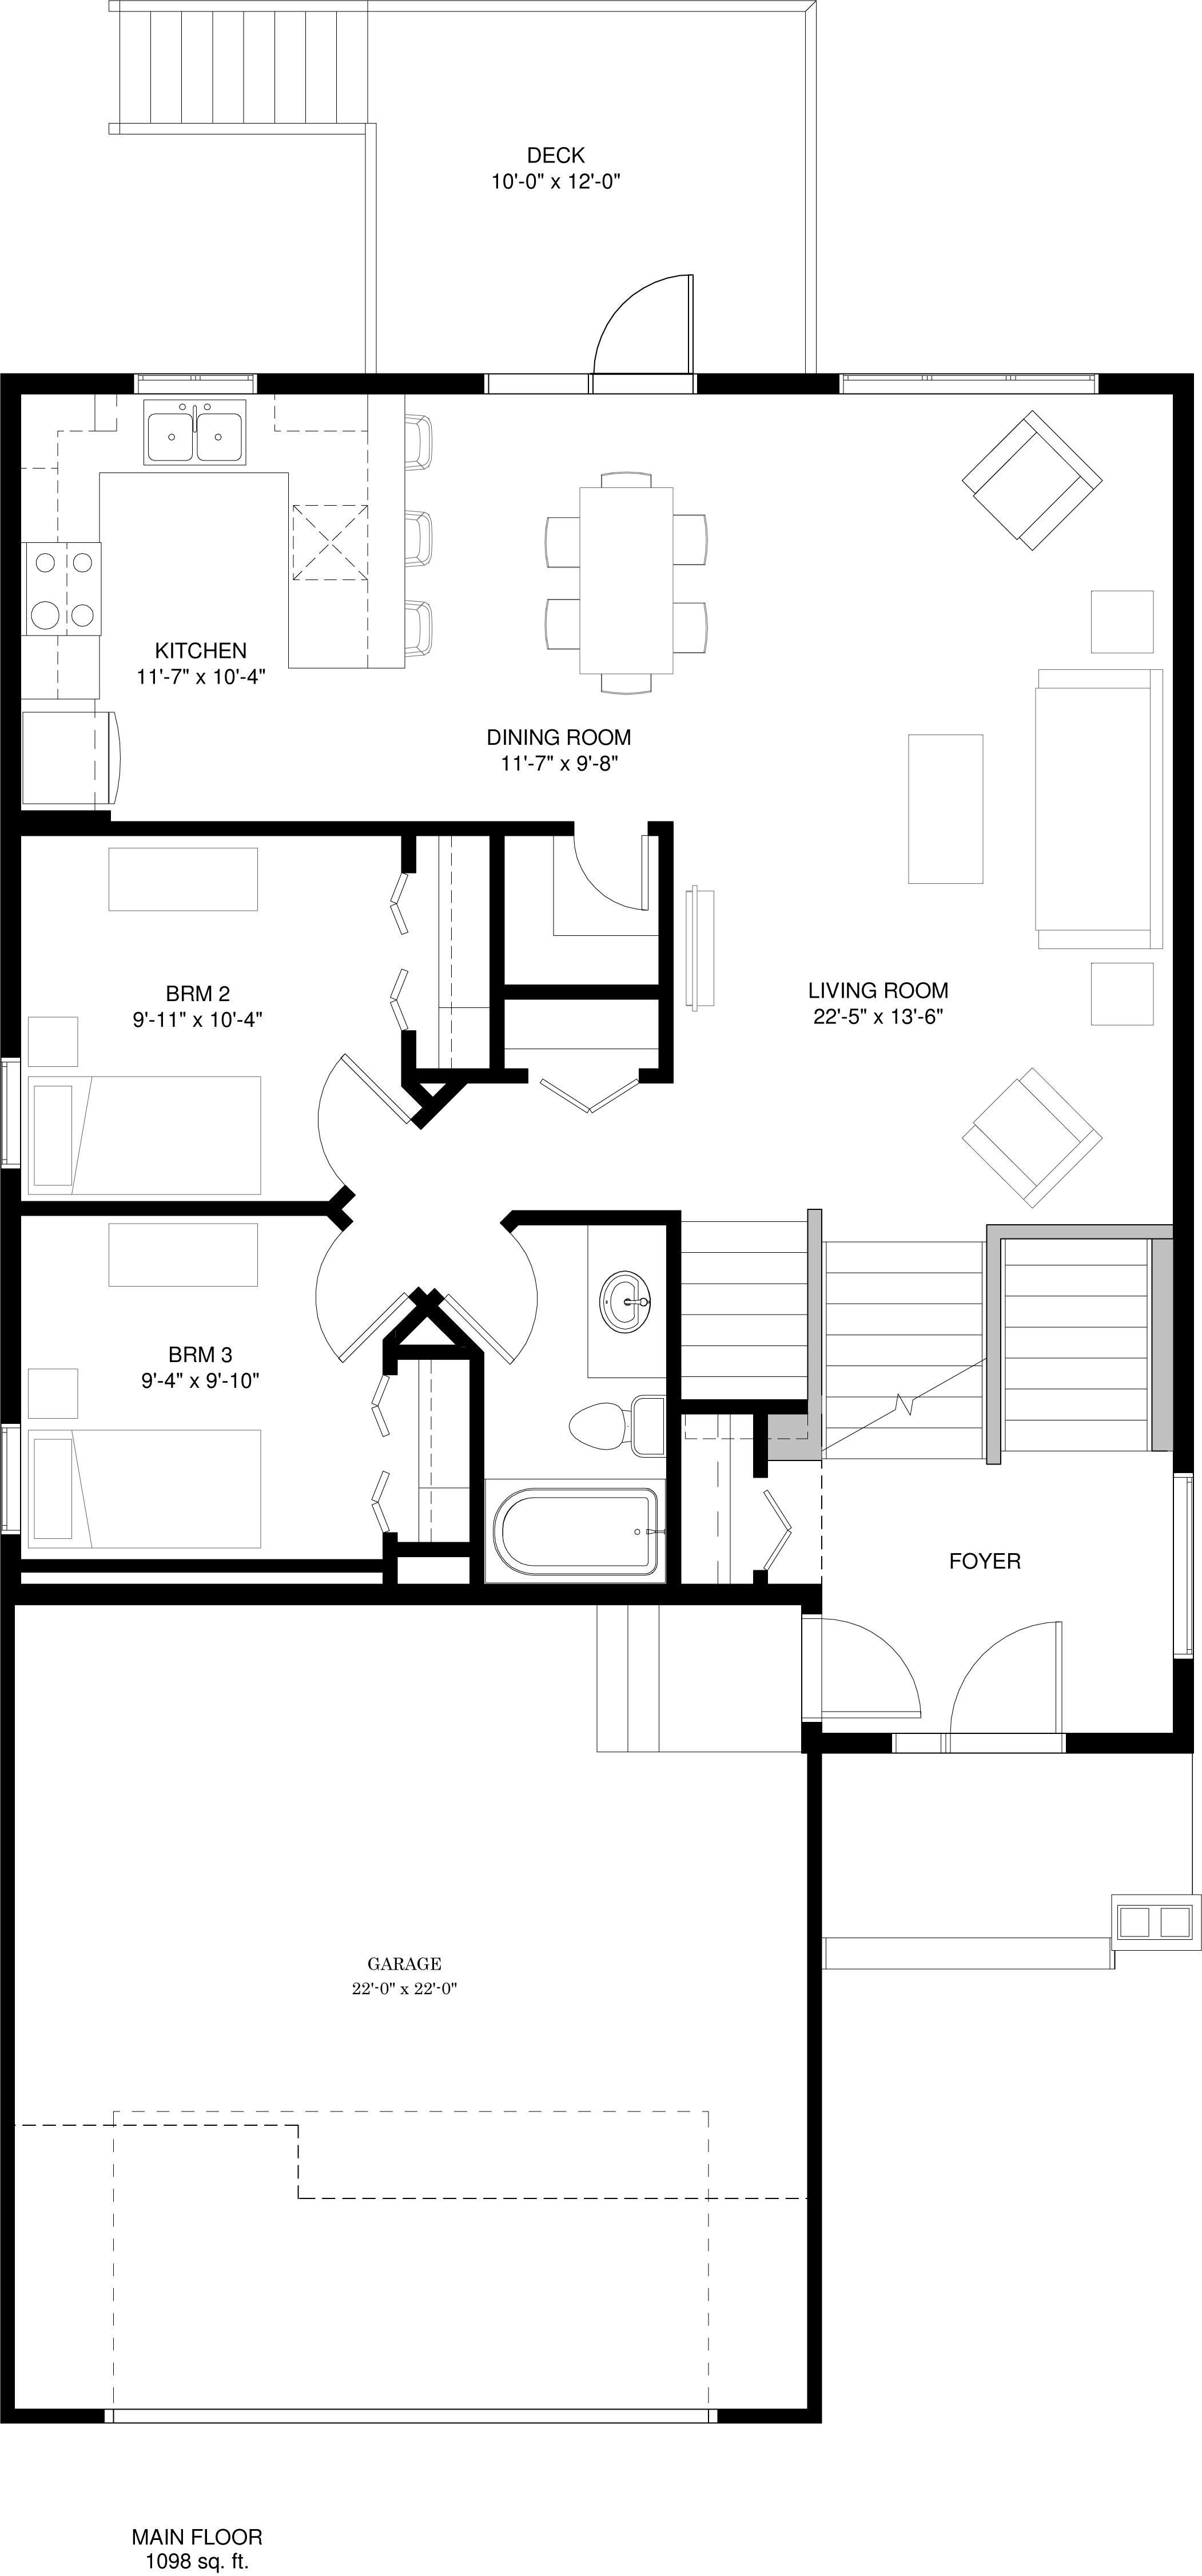 Main Floor  1098 sq ft